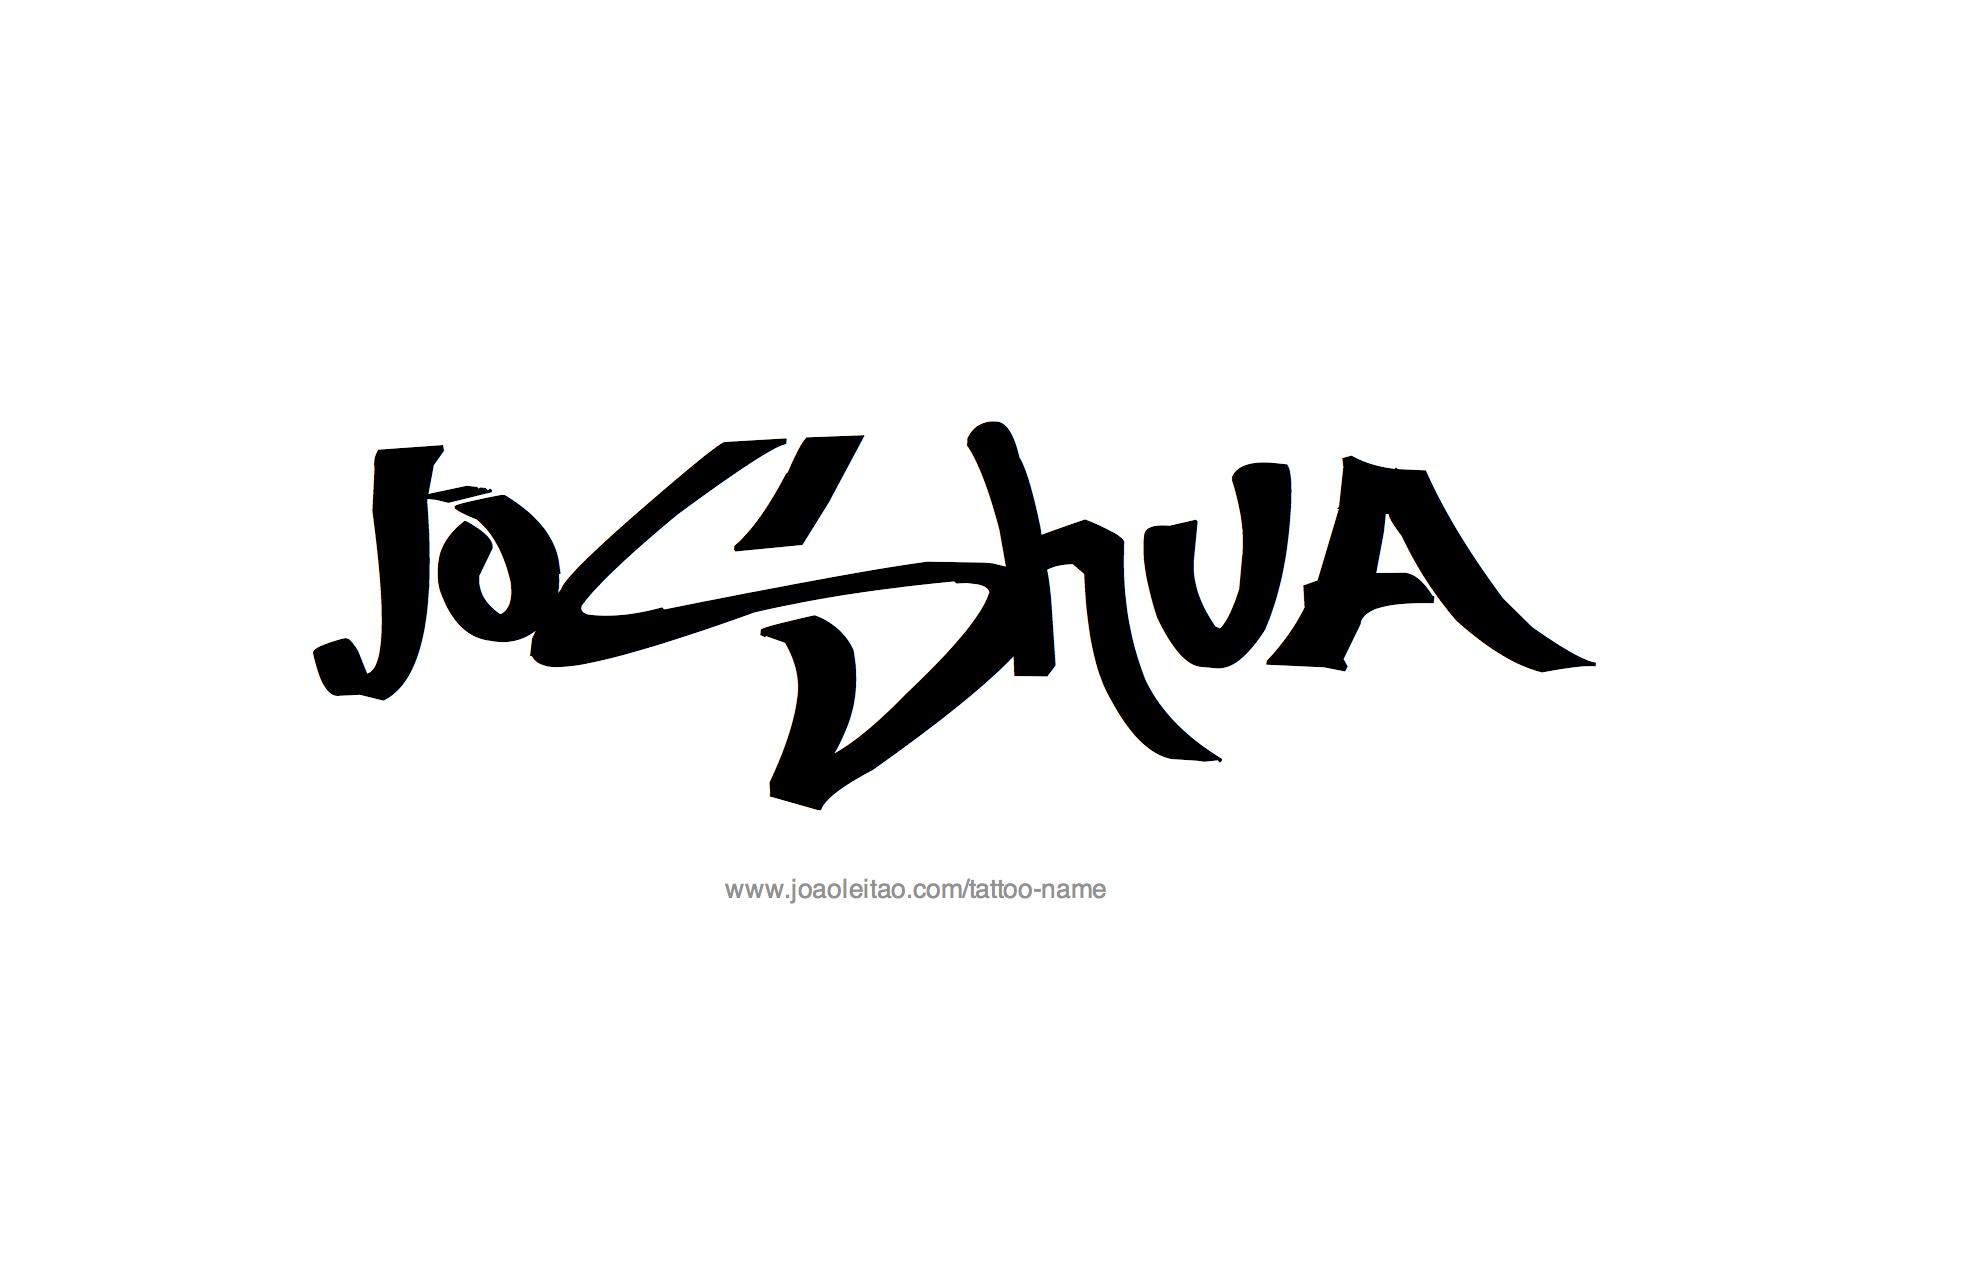 Joshua Name Tattoo Designs Name Tattoo Designs Tattoo Designs Name Tattoo